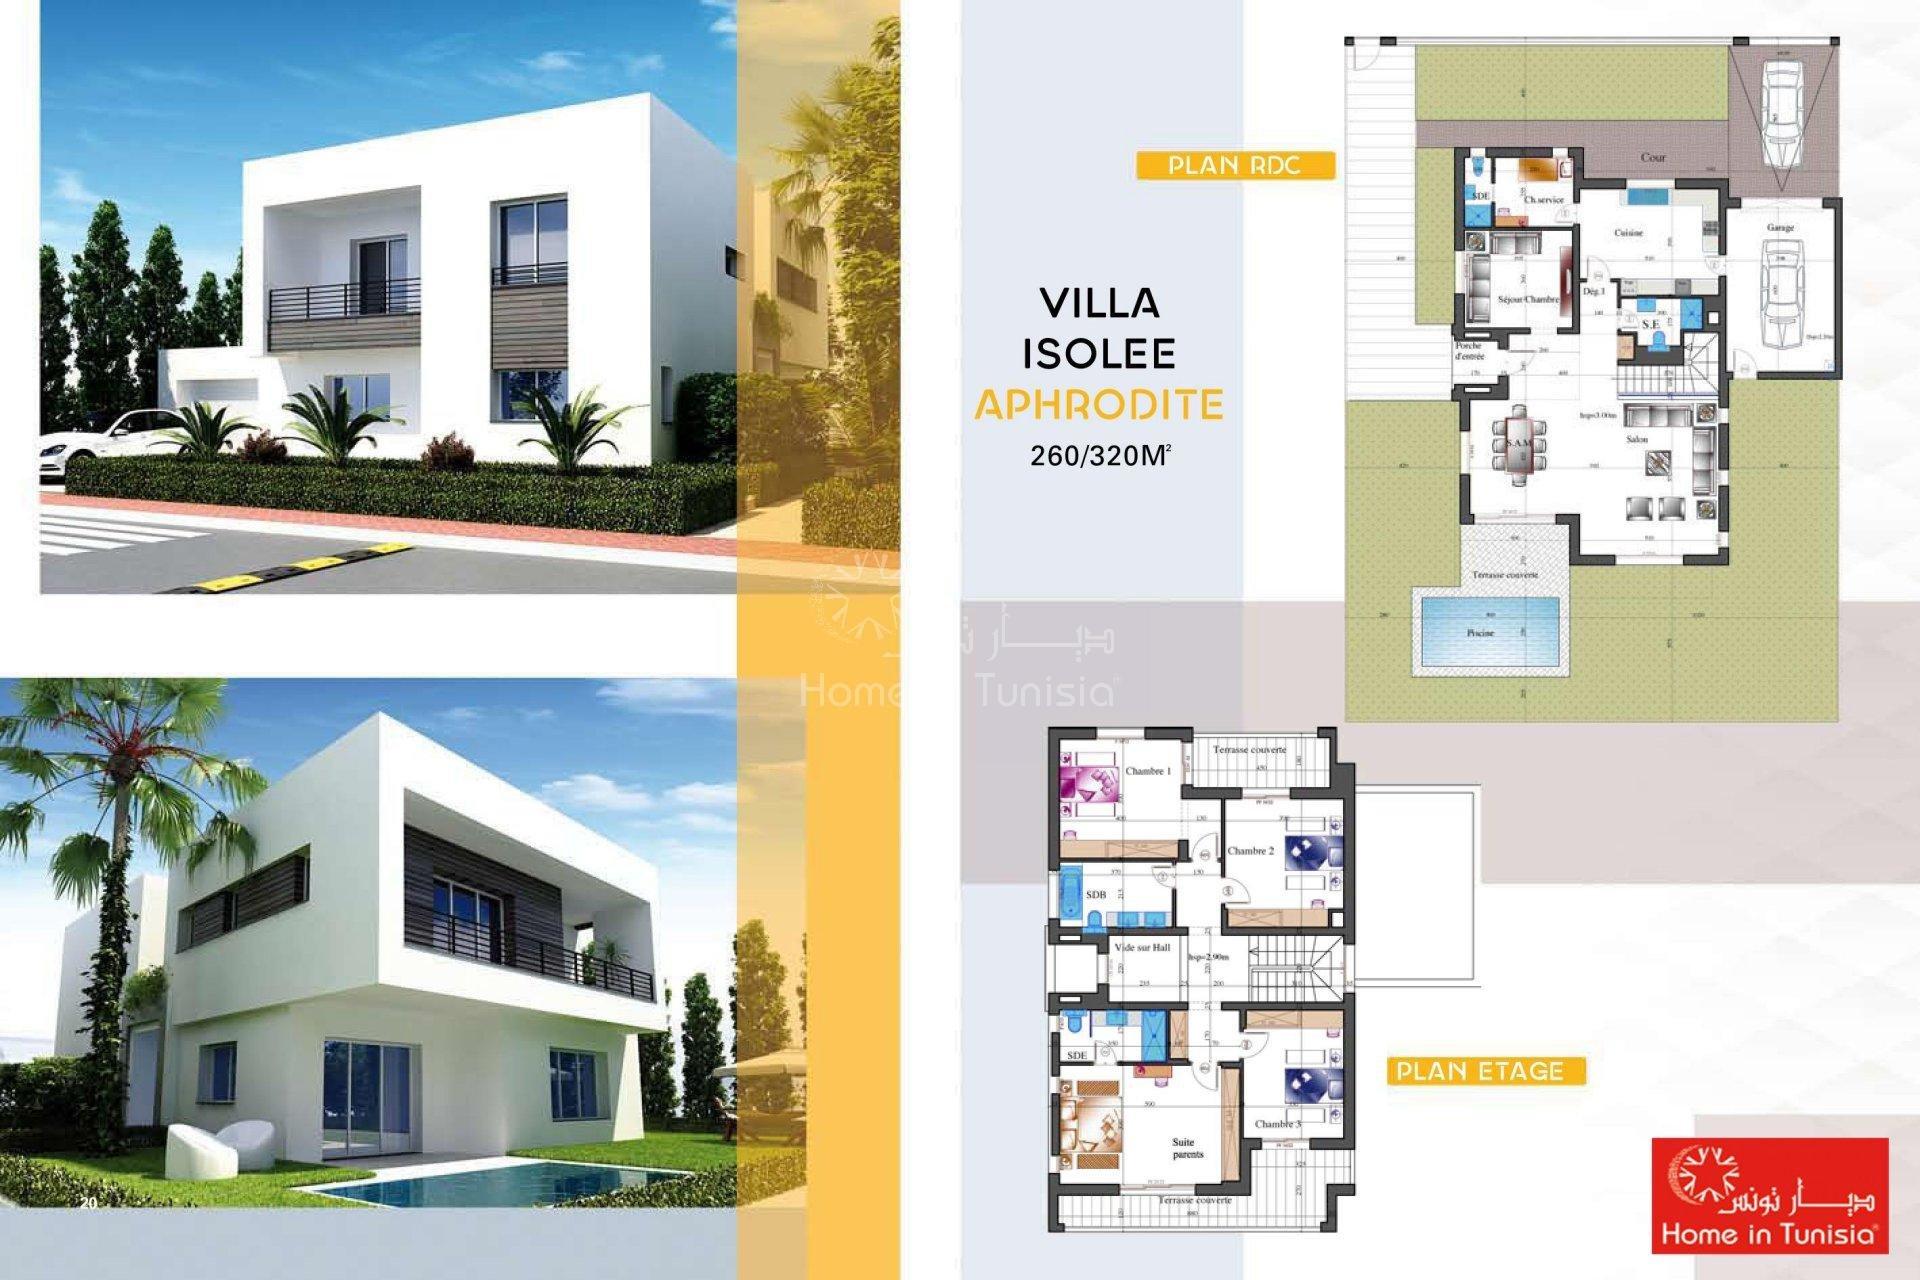 Golf villa tunisia financial harbor for Plan architecture villa tunisie